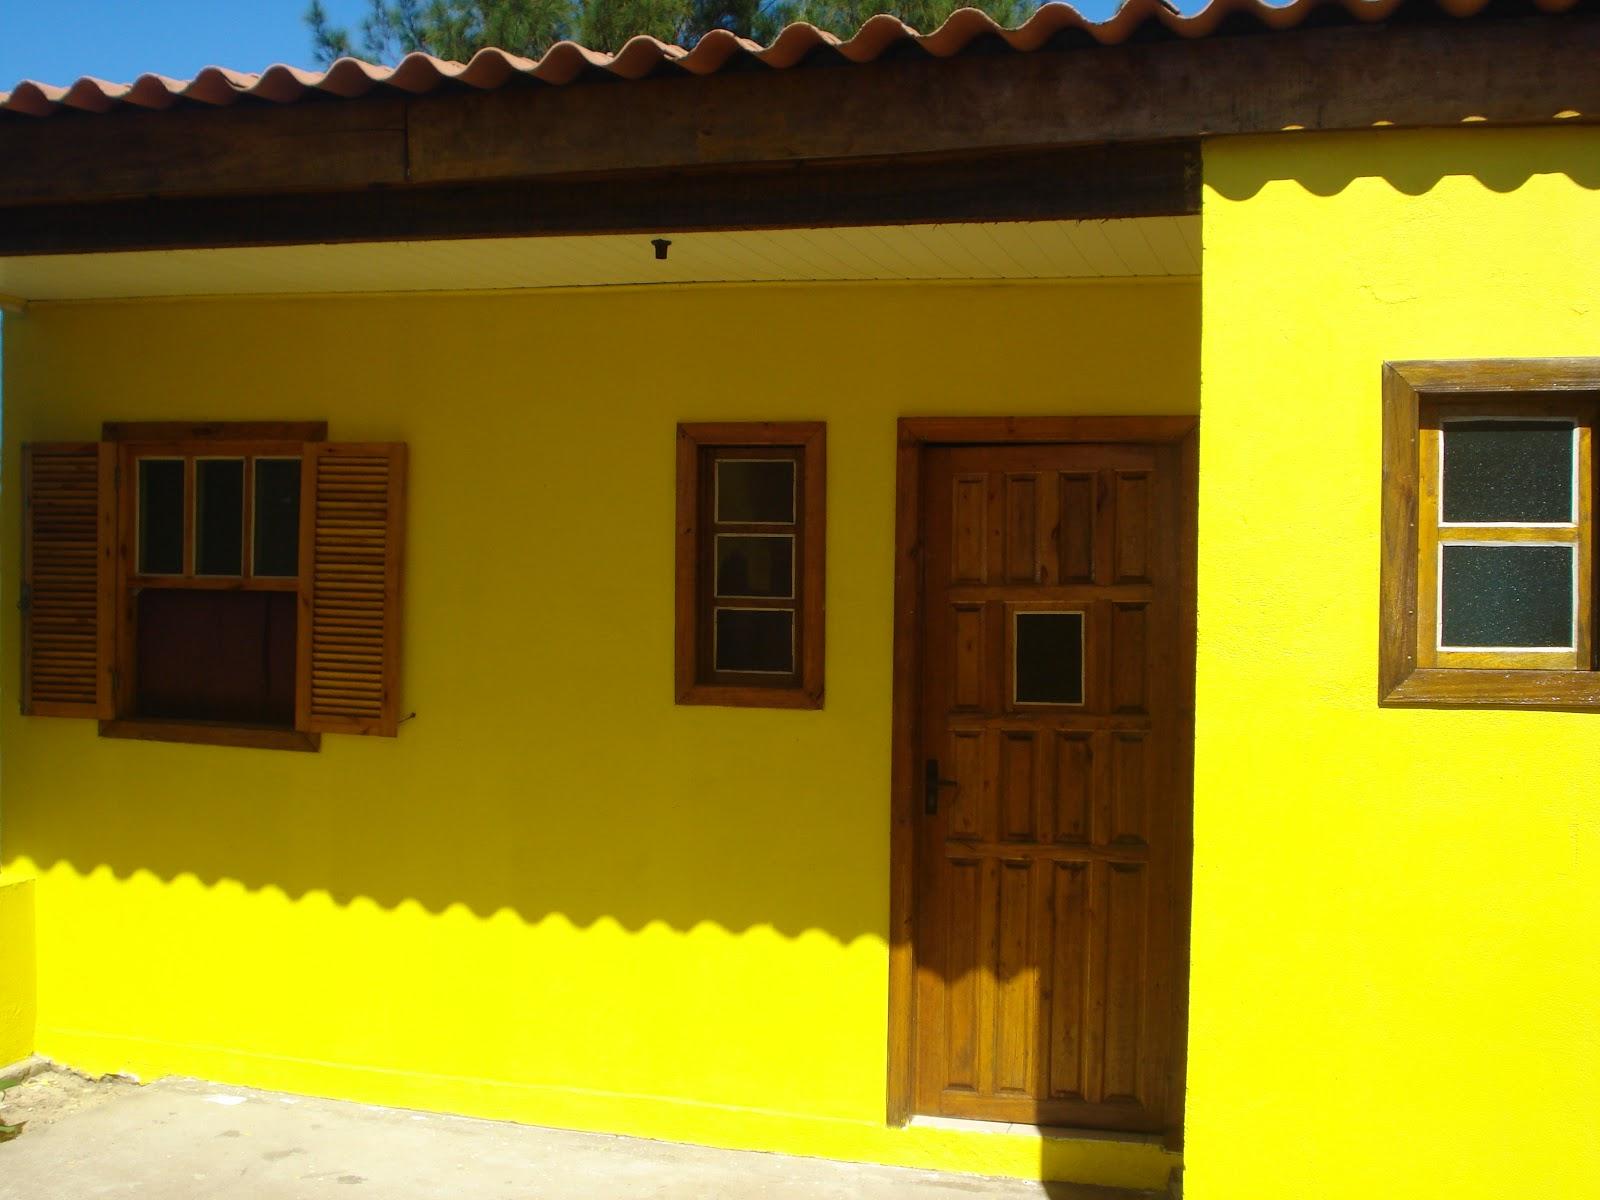 Residencial maria eduarda casa amarela for Oficina de infiltrados temporada 3